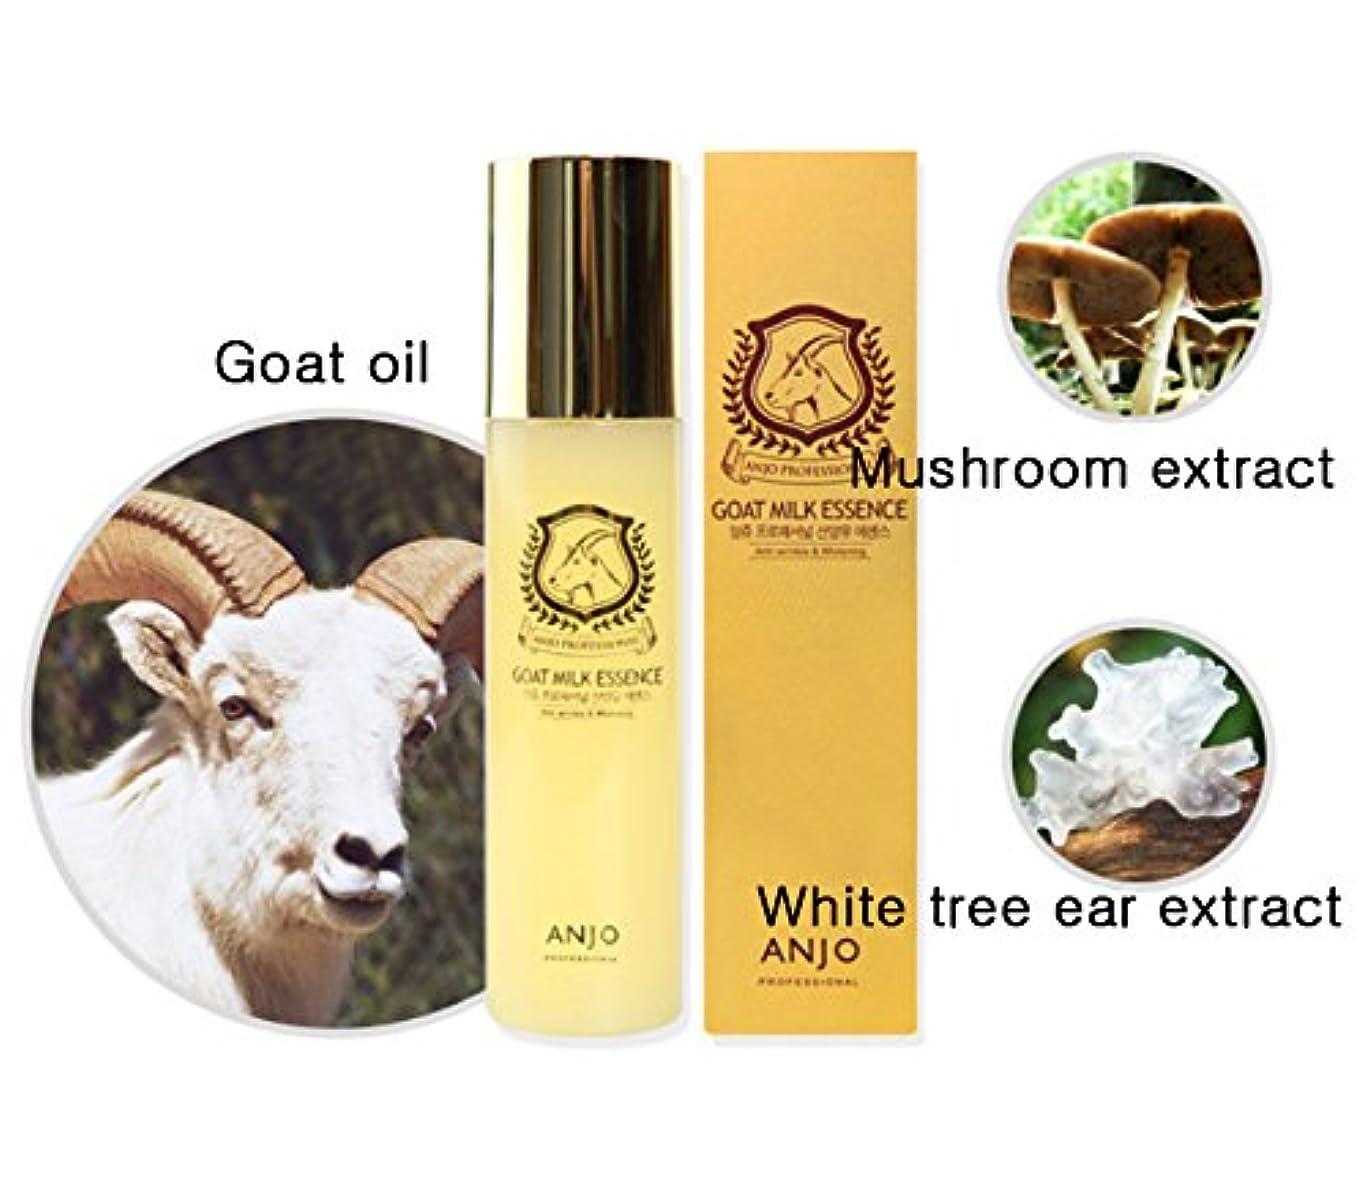 アルバニーヒット練習した[ANJO] ヤギミルクエッセンス150ml /ミネラルウォーター/ホワイトニング、保湿、スキンケア / Goat Milk Essence 150ml / Mineral Water / Whitening, Moisturizing...